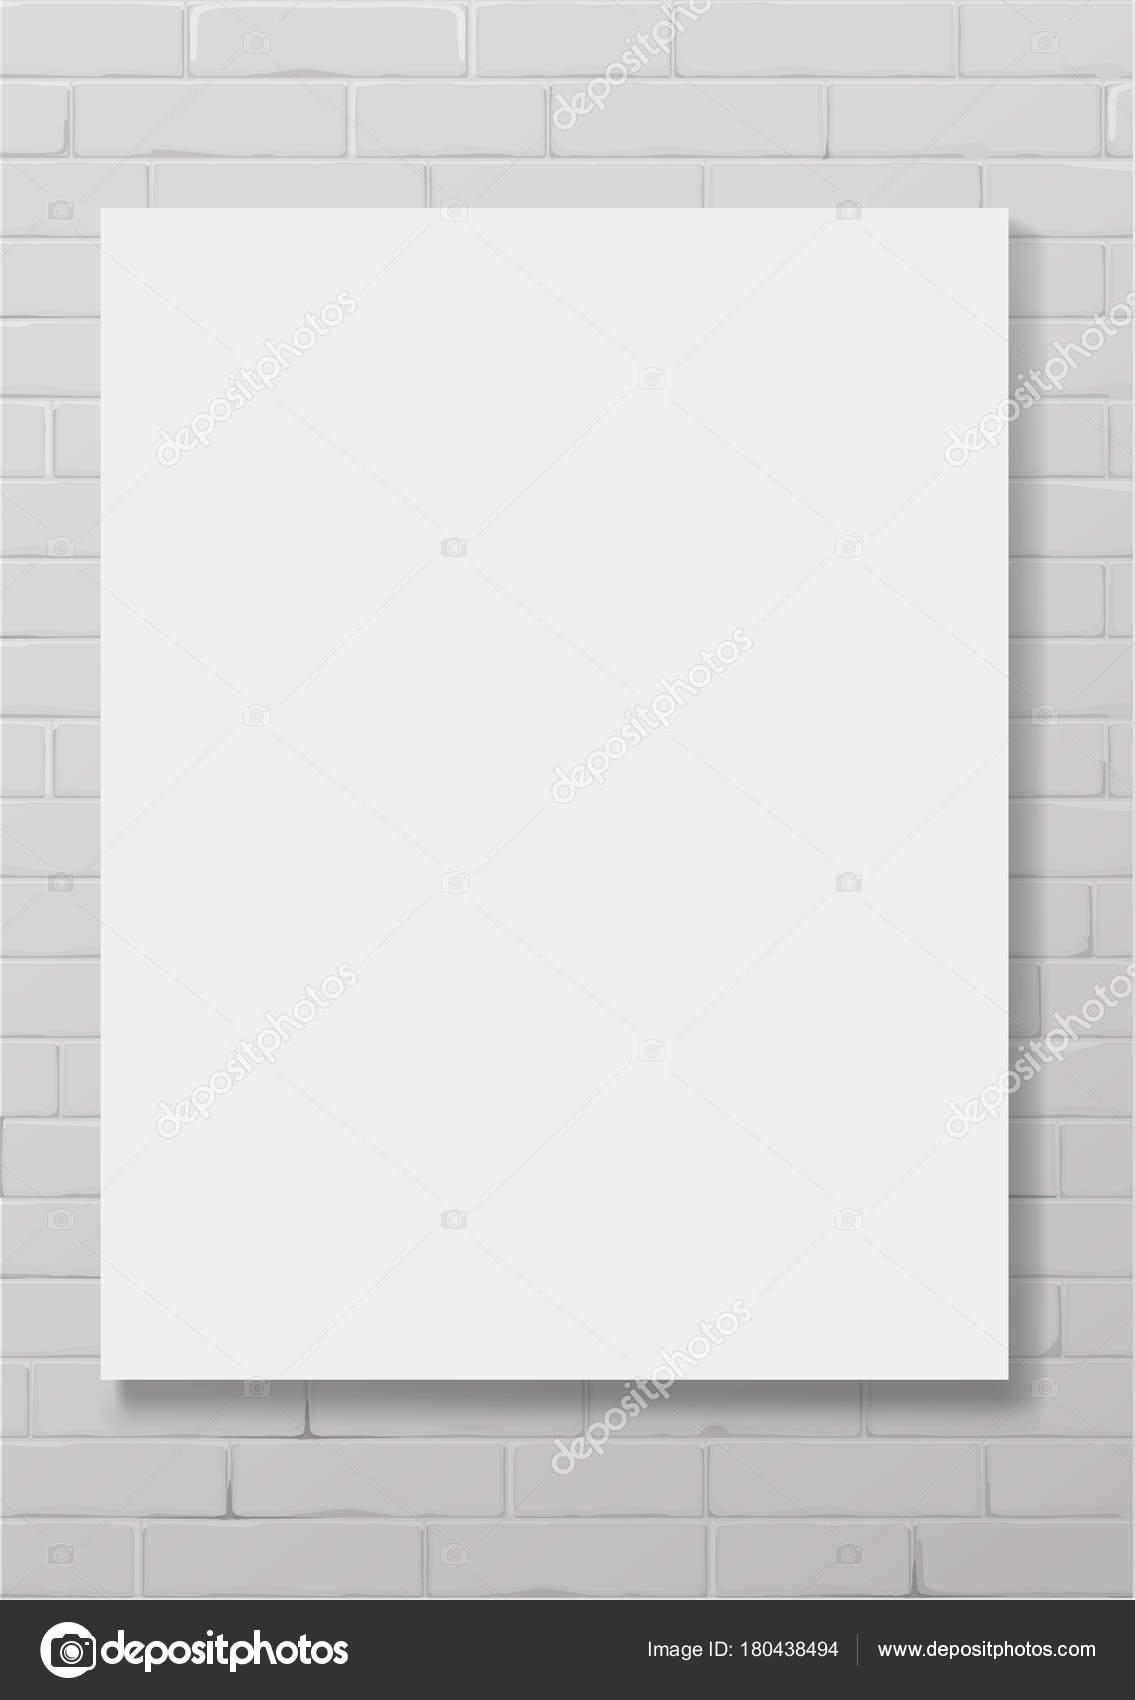 Marco vacío blanco vertical — Vector de stock © denisik11 #180438494